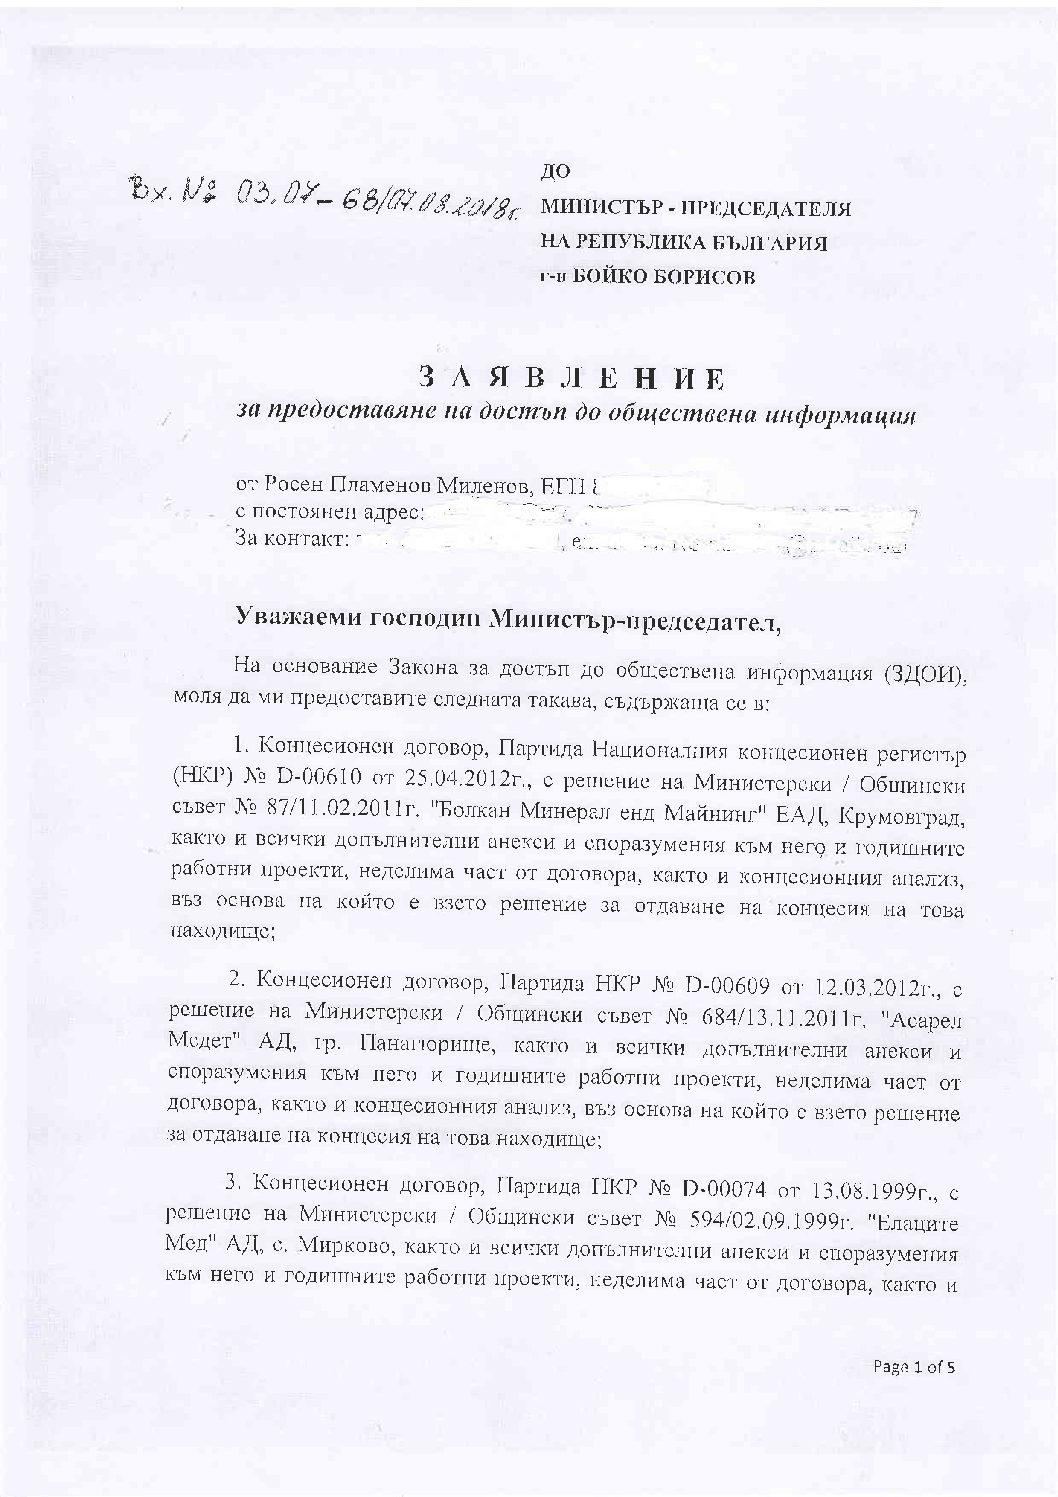 Искане до Министър-председателя за оповестяване на концесионните договори